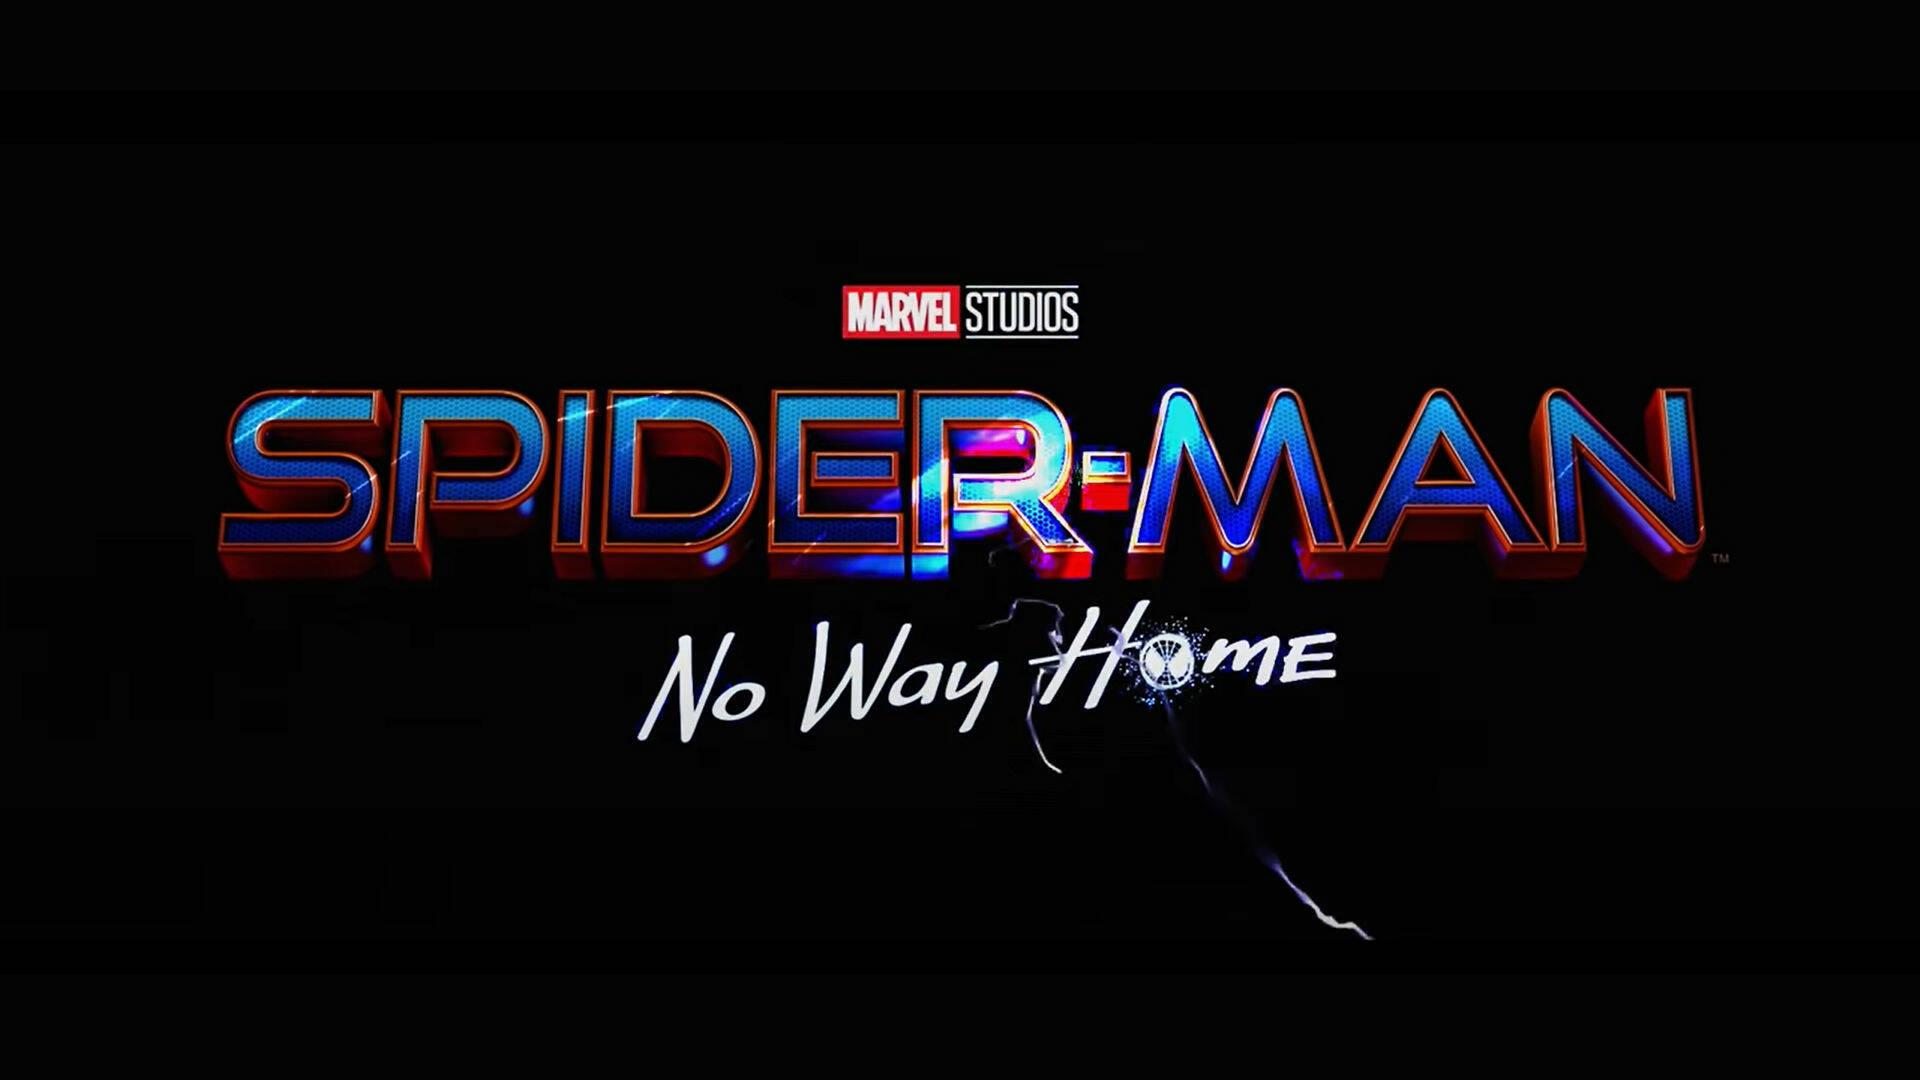 LEGO SPIDER-MAN NO WAY HOME